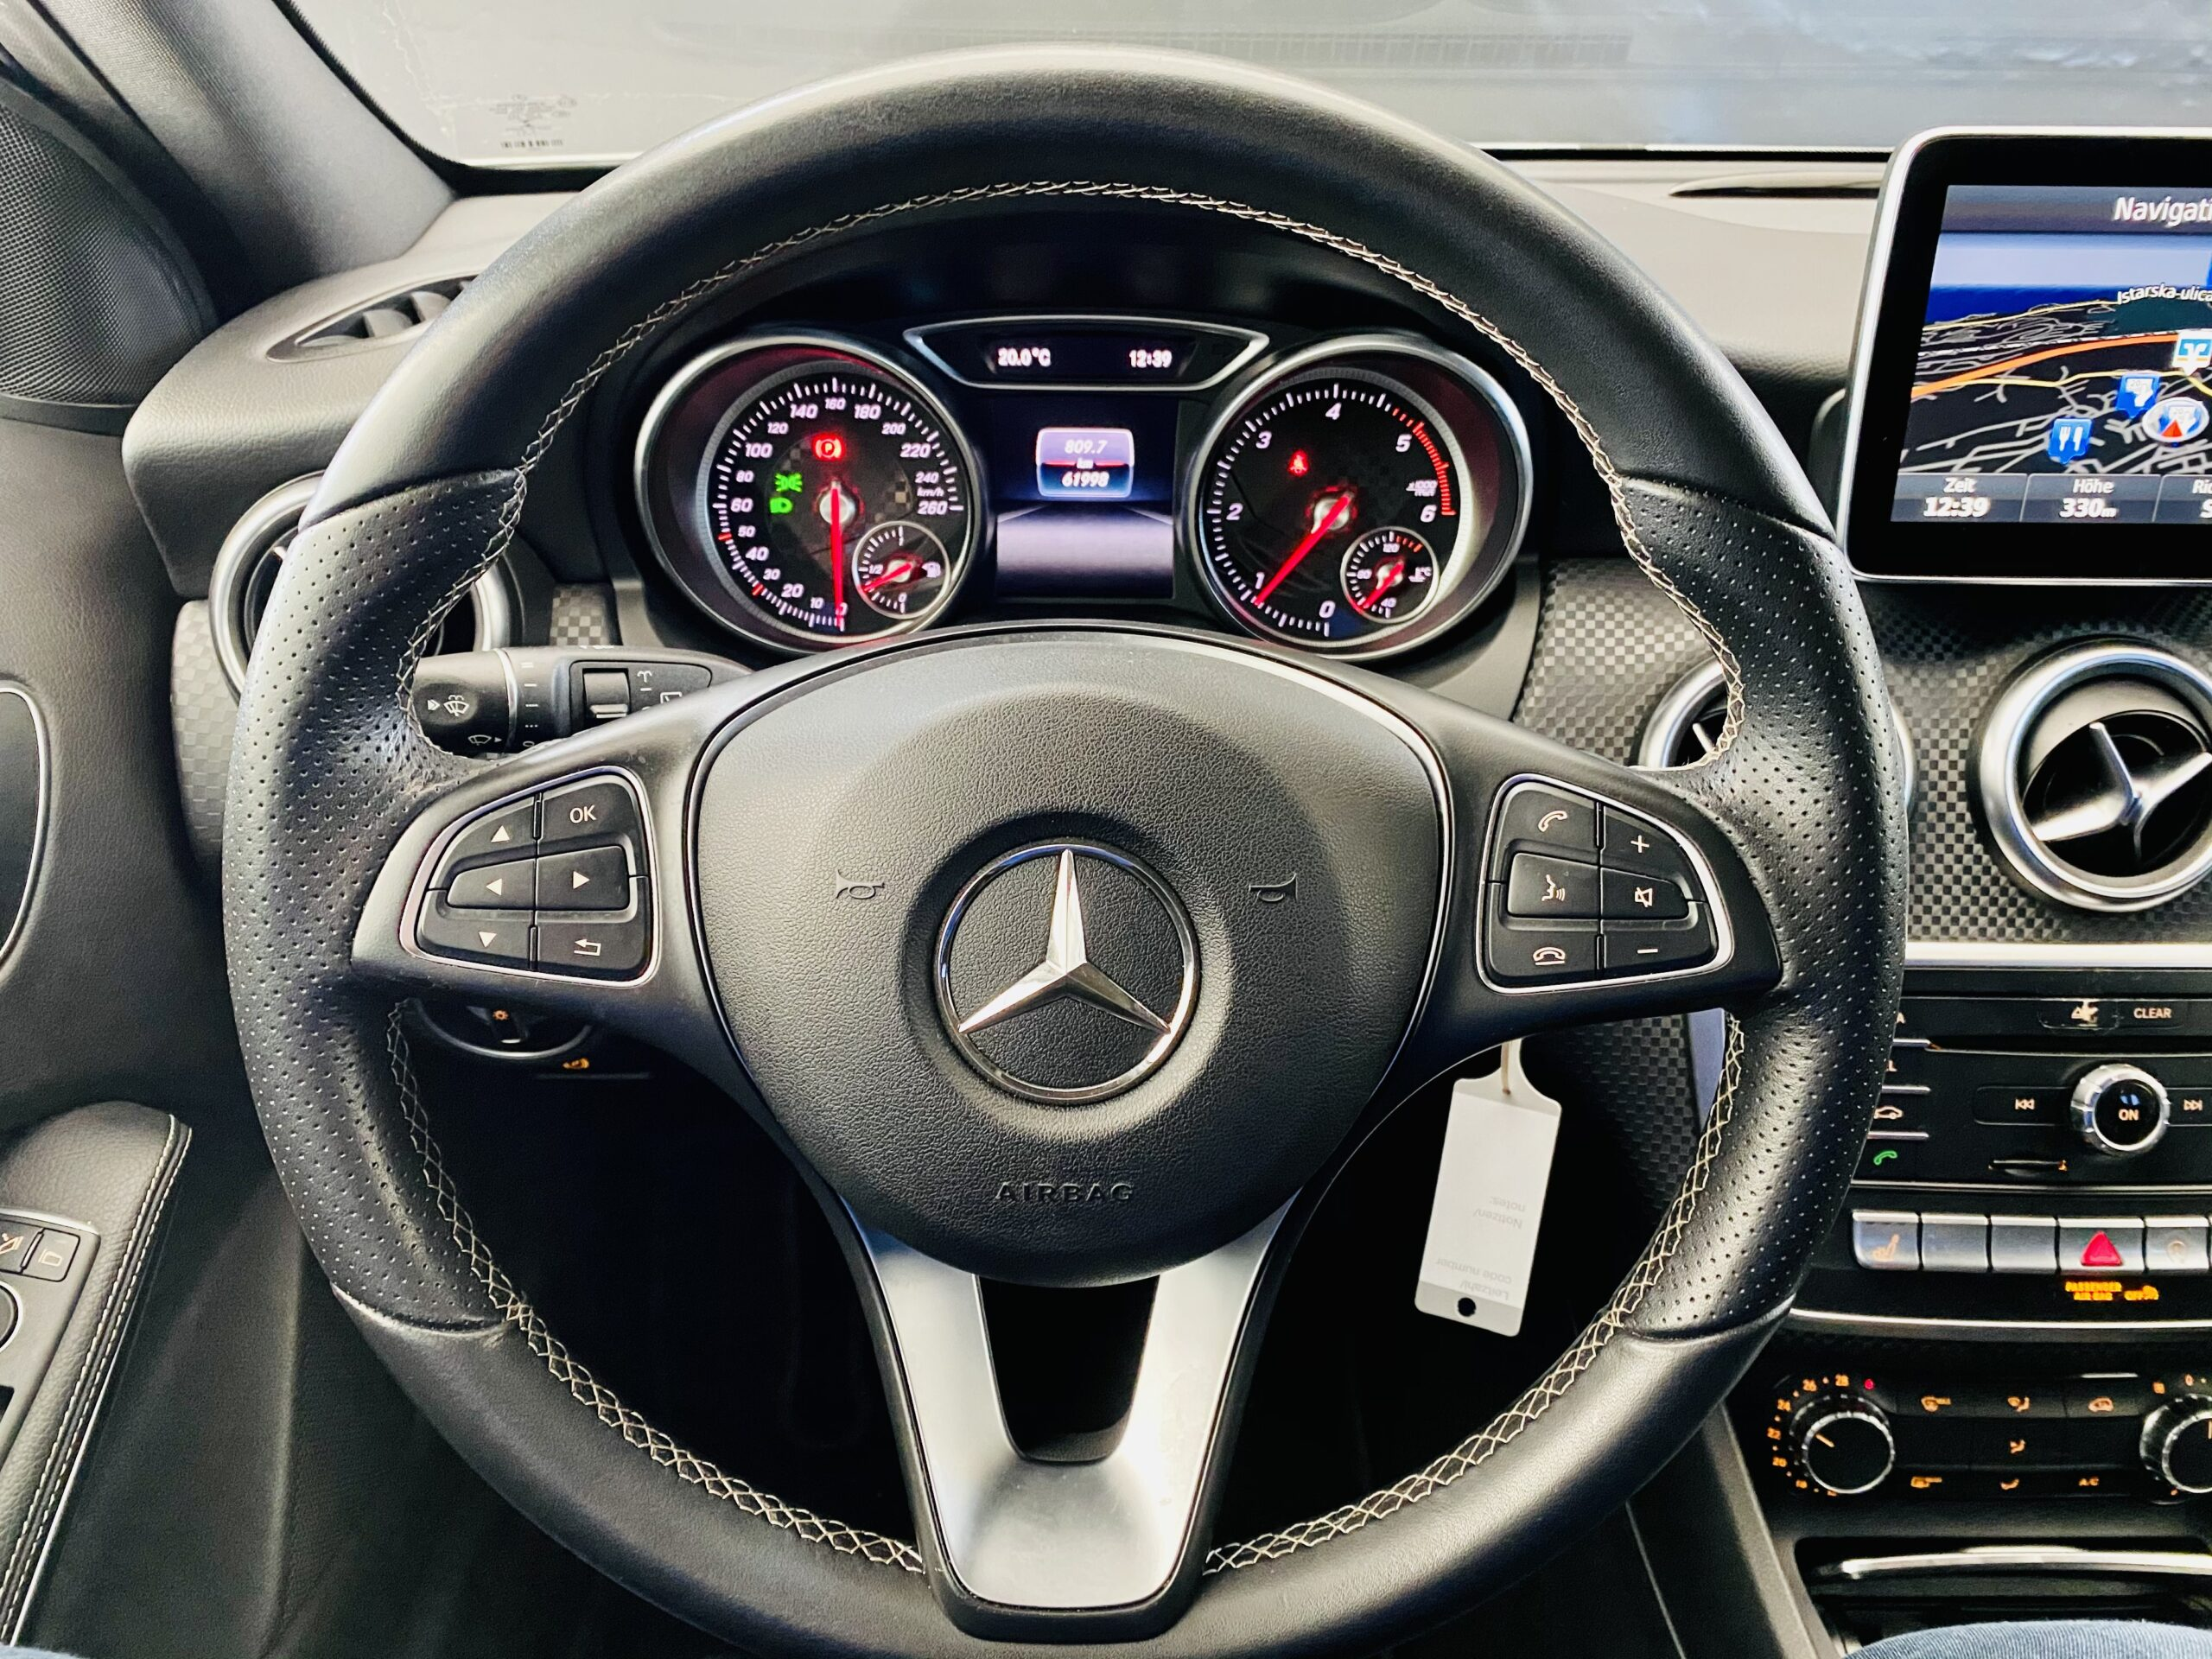 Mercedes-Benz A-klasa 180 d URBAN